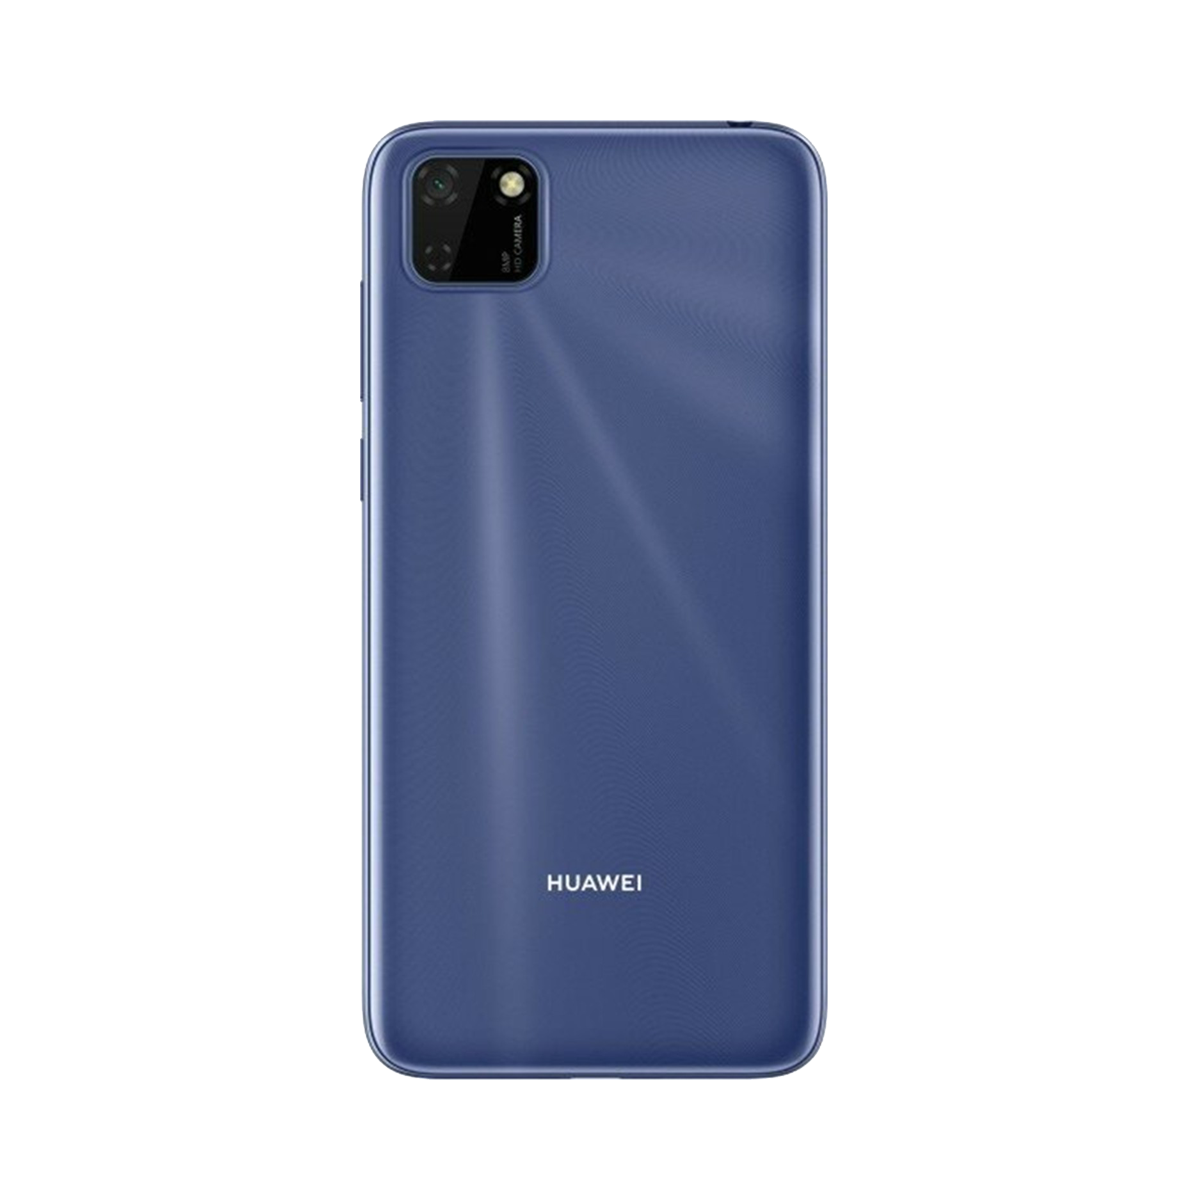 Huawei Y5p 32 GB Mavi